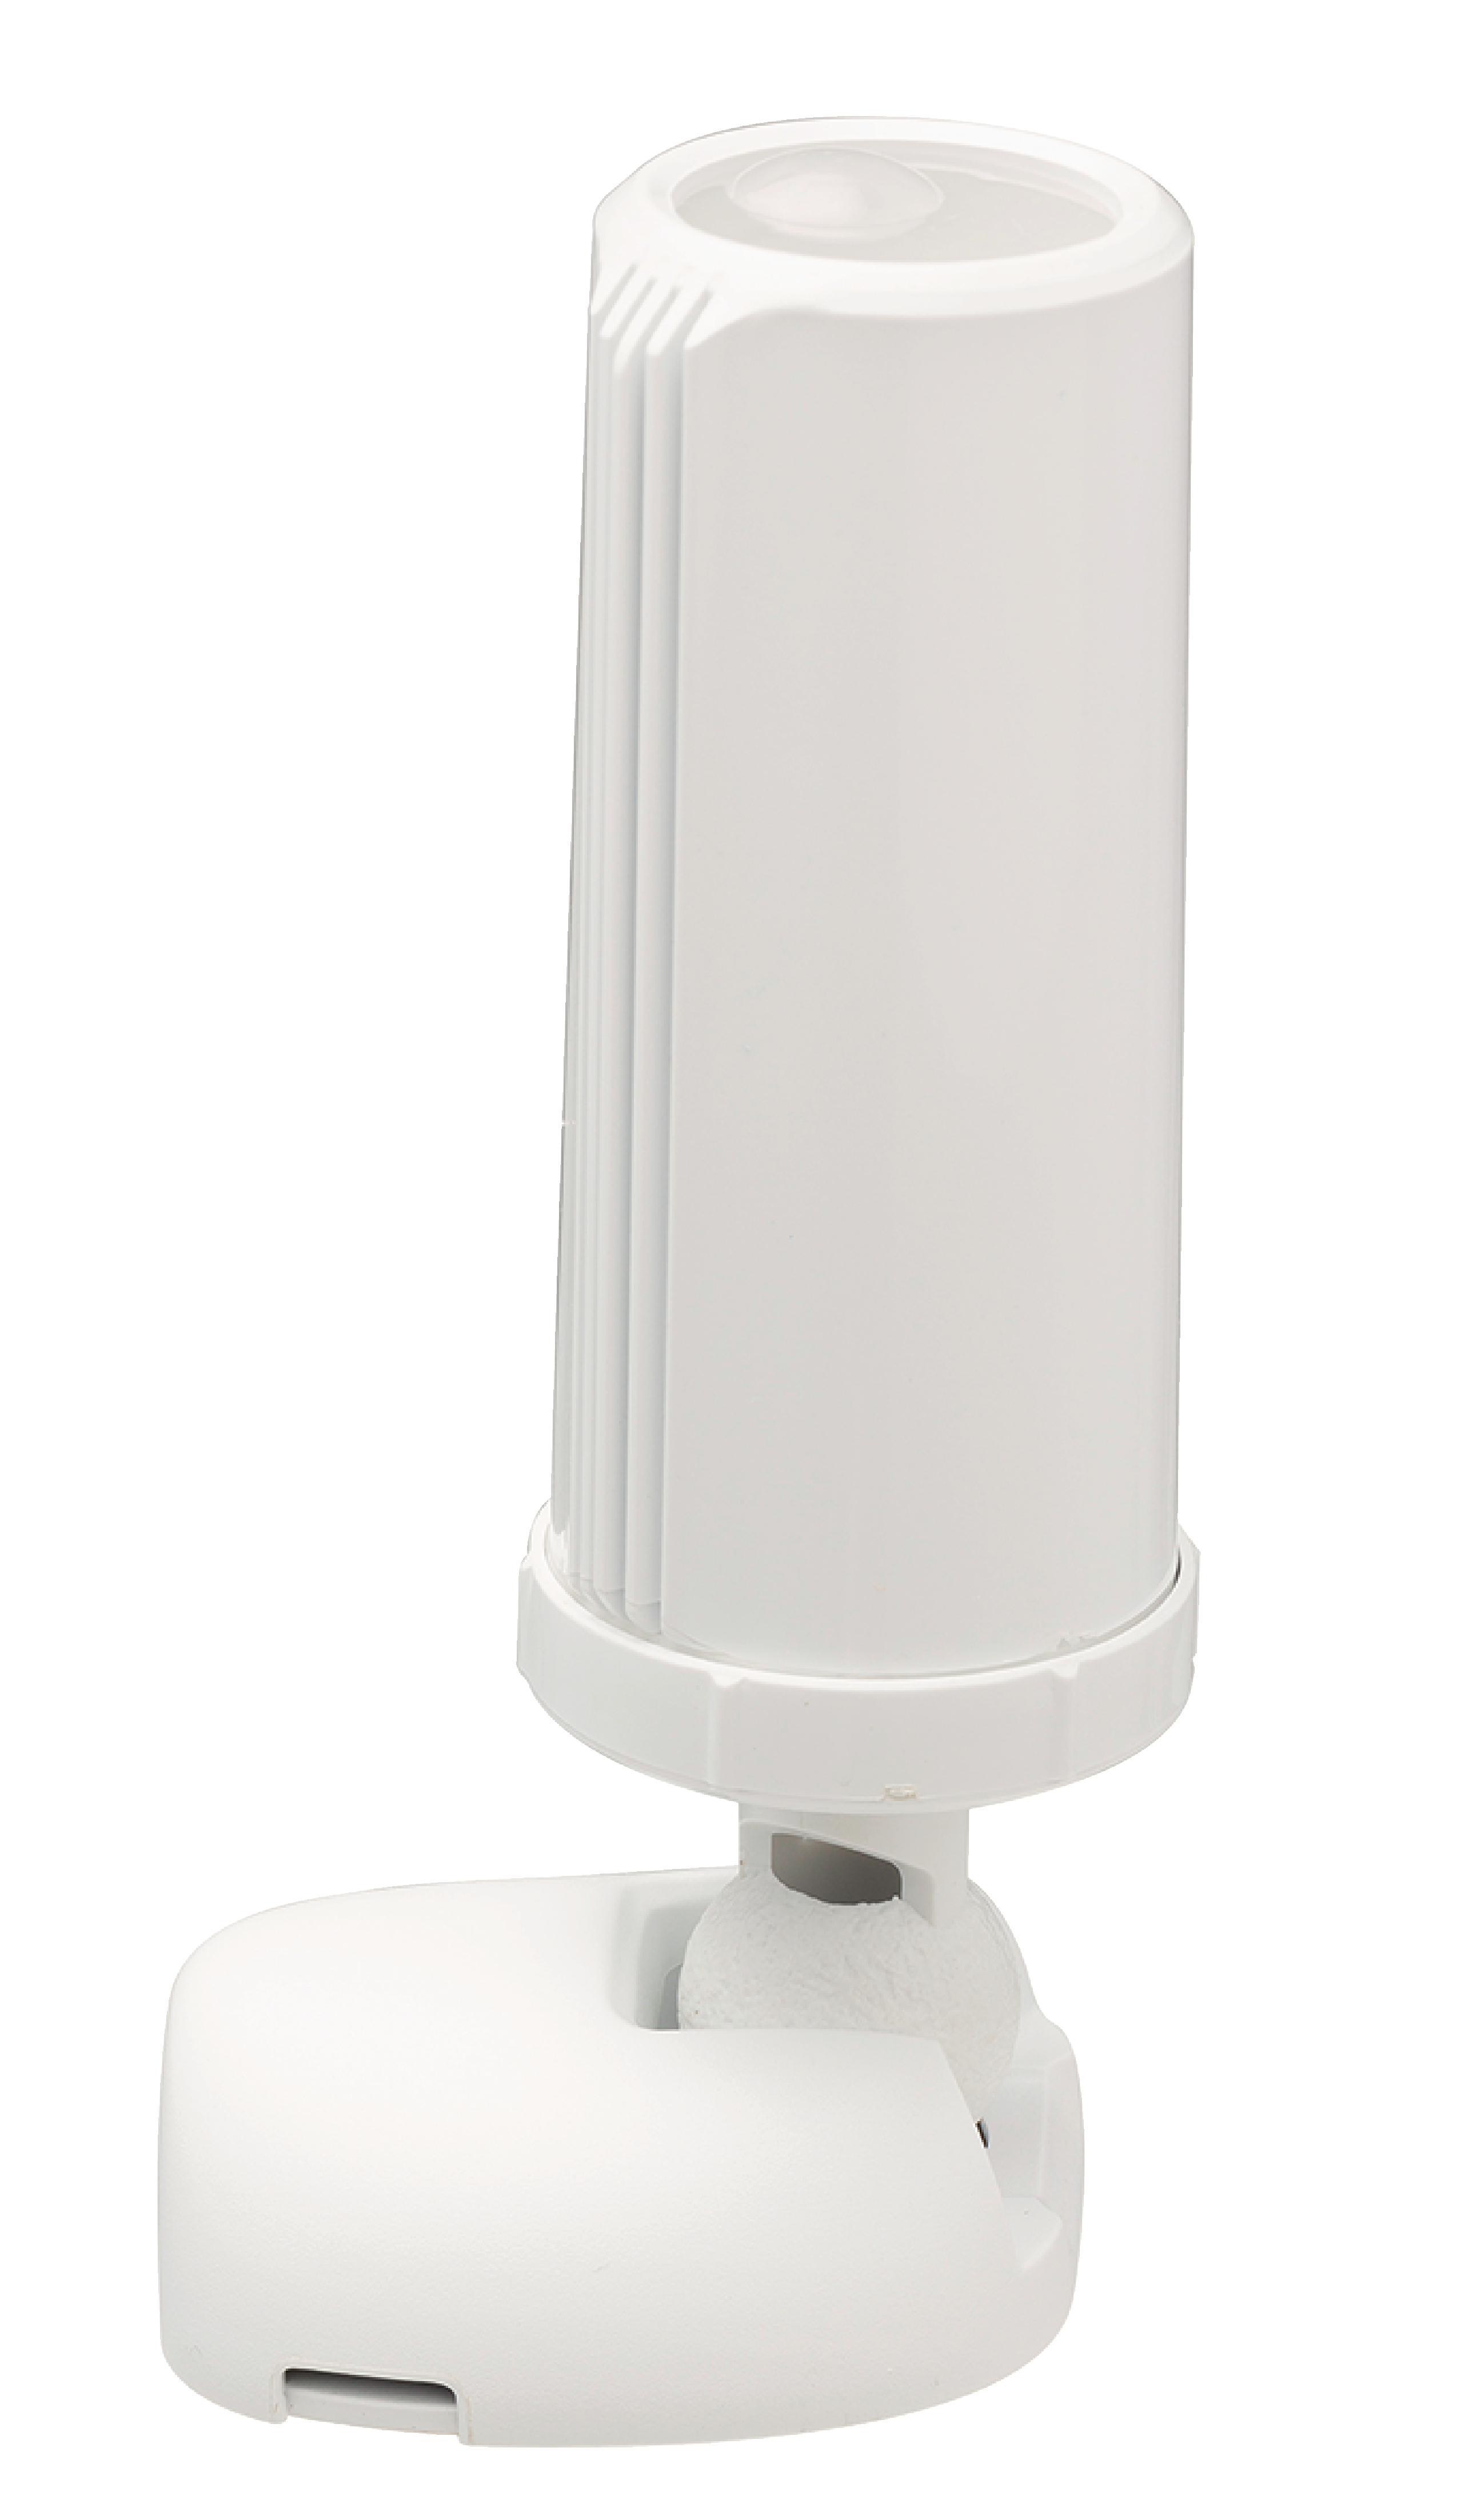 LED svítidlo s pohybovým senzorem HQ-RS150